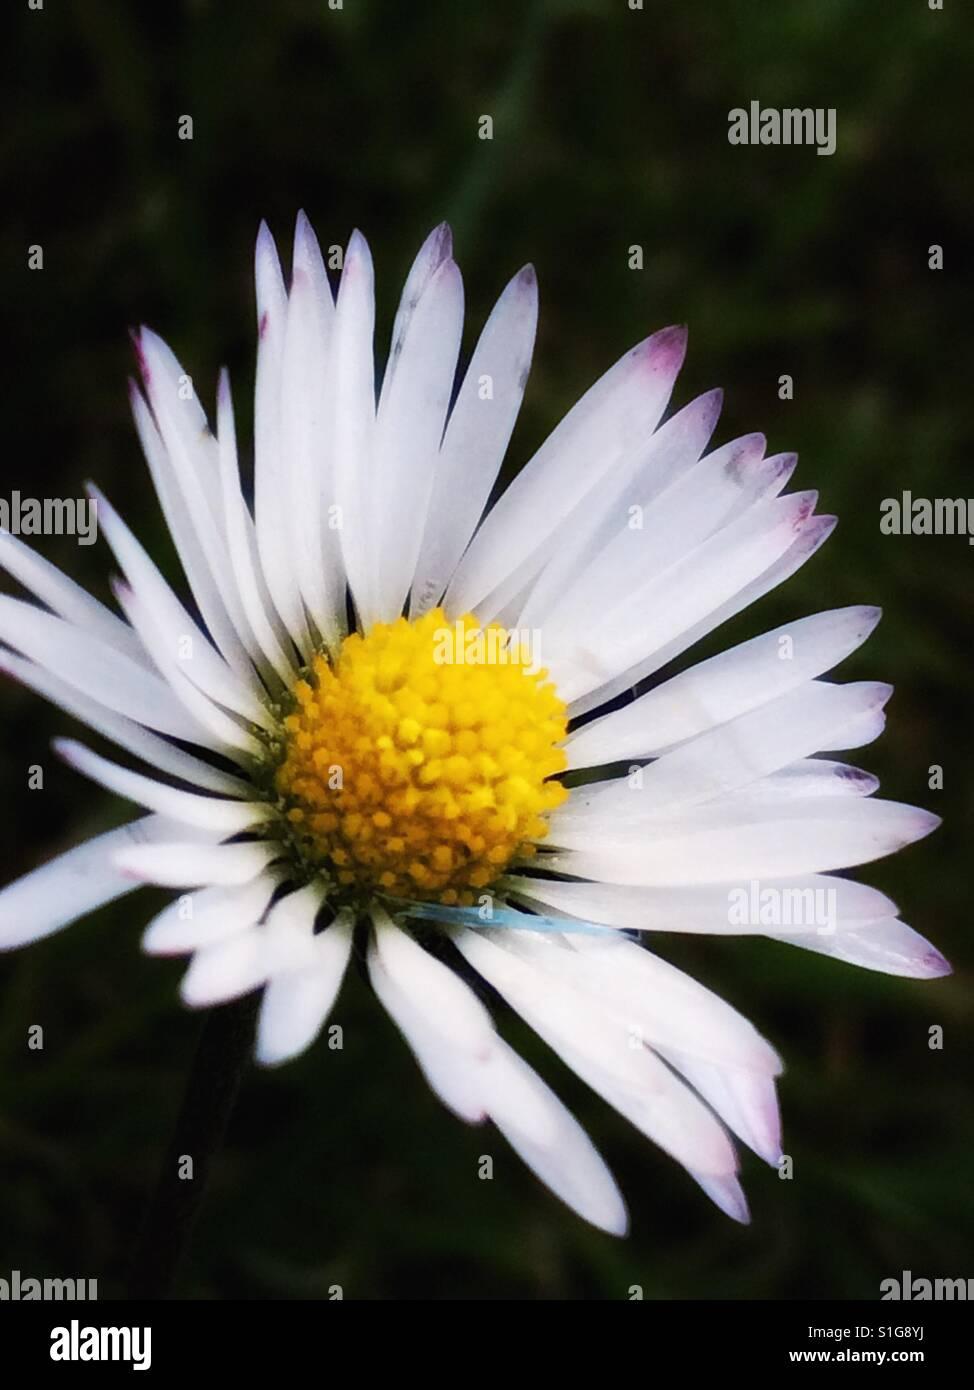 Daisy head stock photos daisy head stock images alamy beautiful daisy flower head stock image izmirmasajfo Choice Image